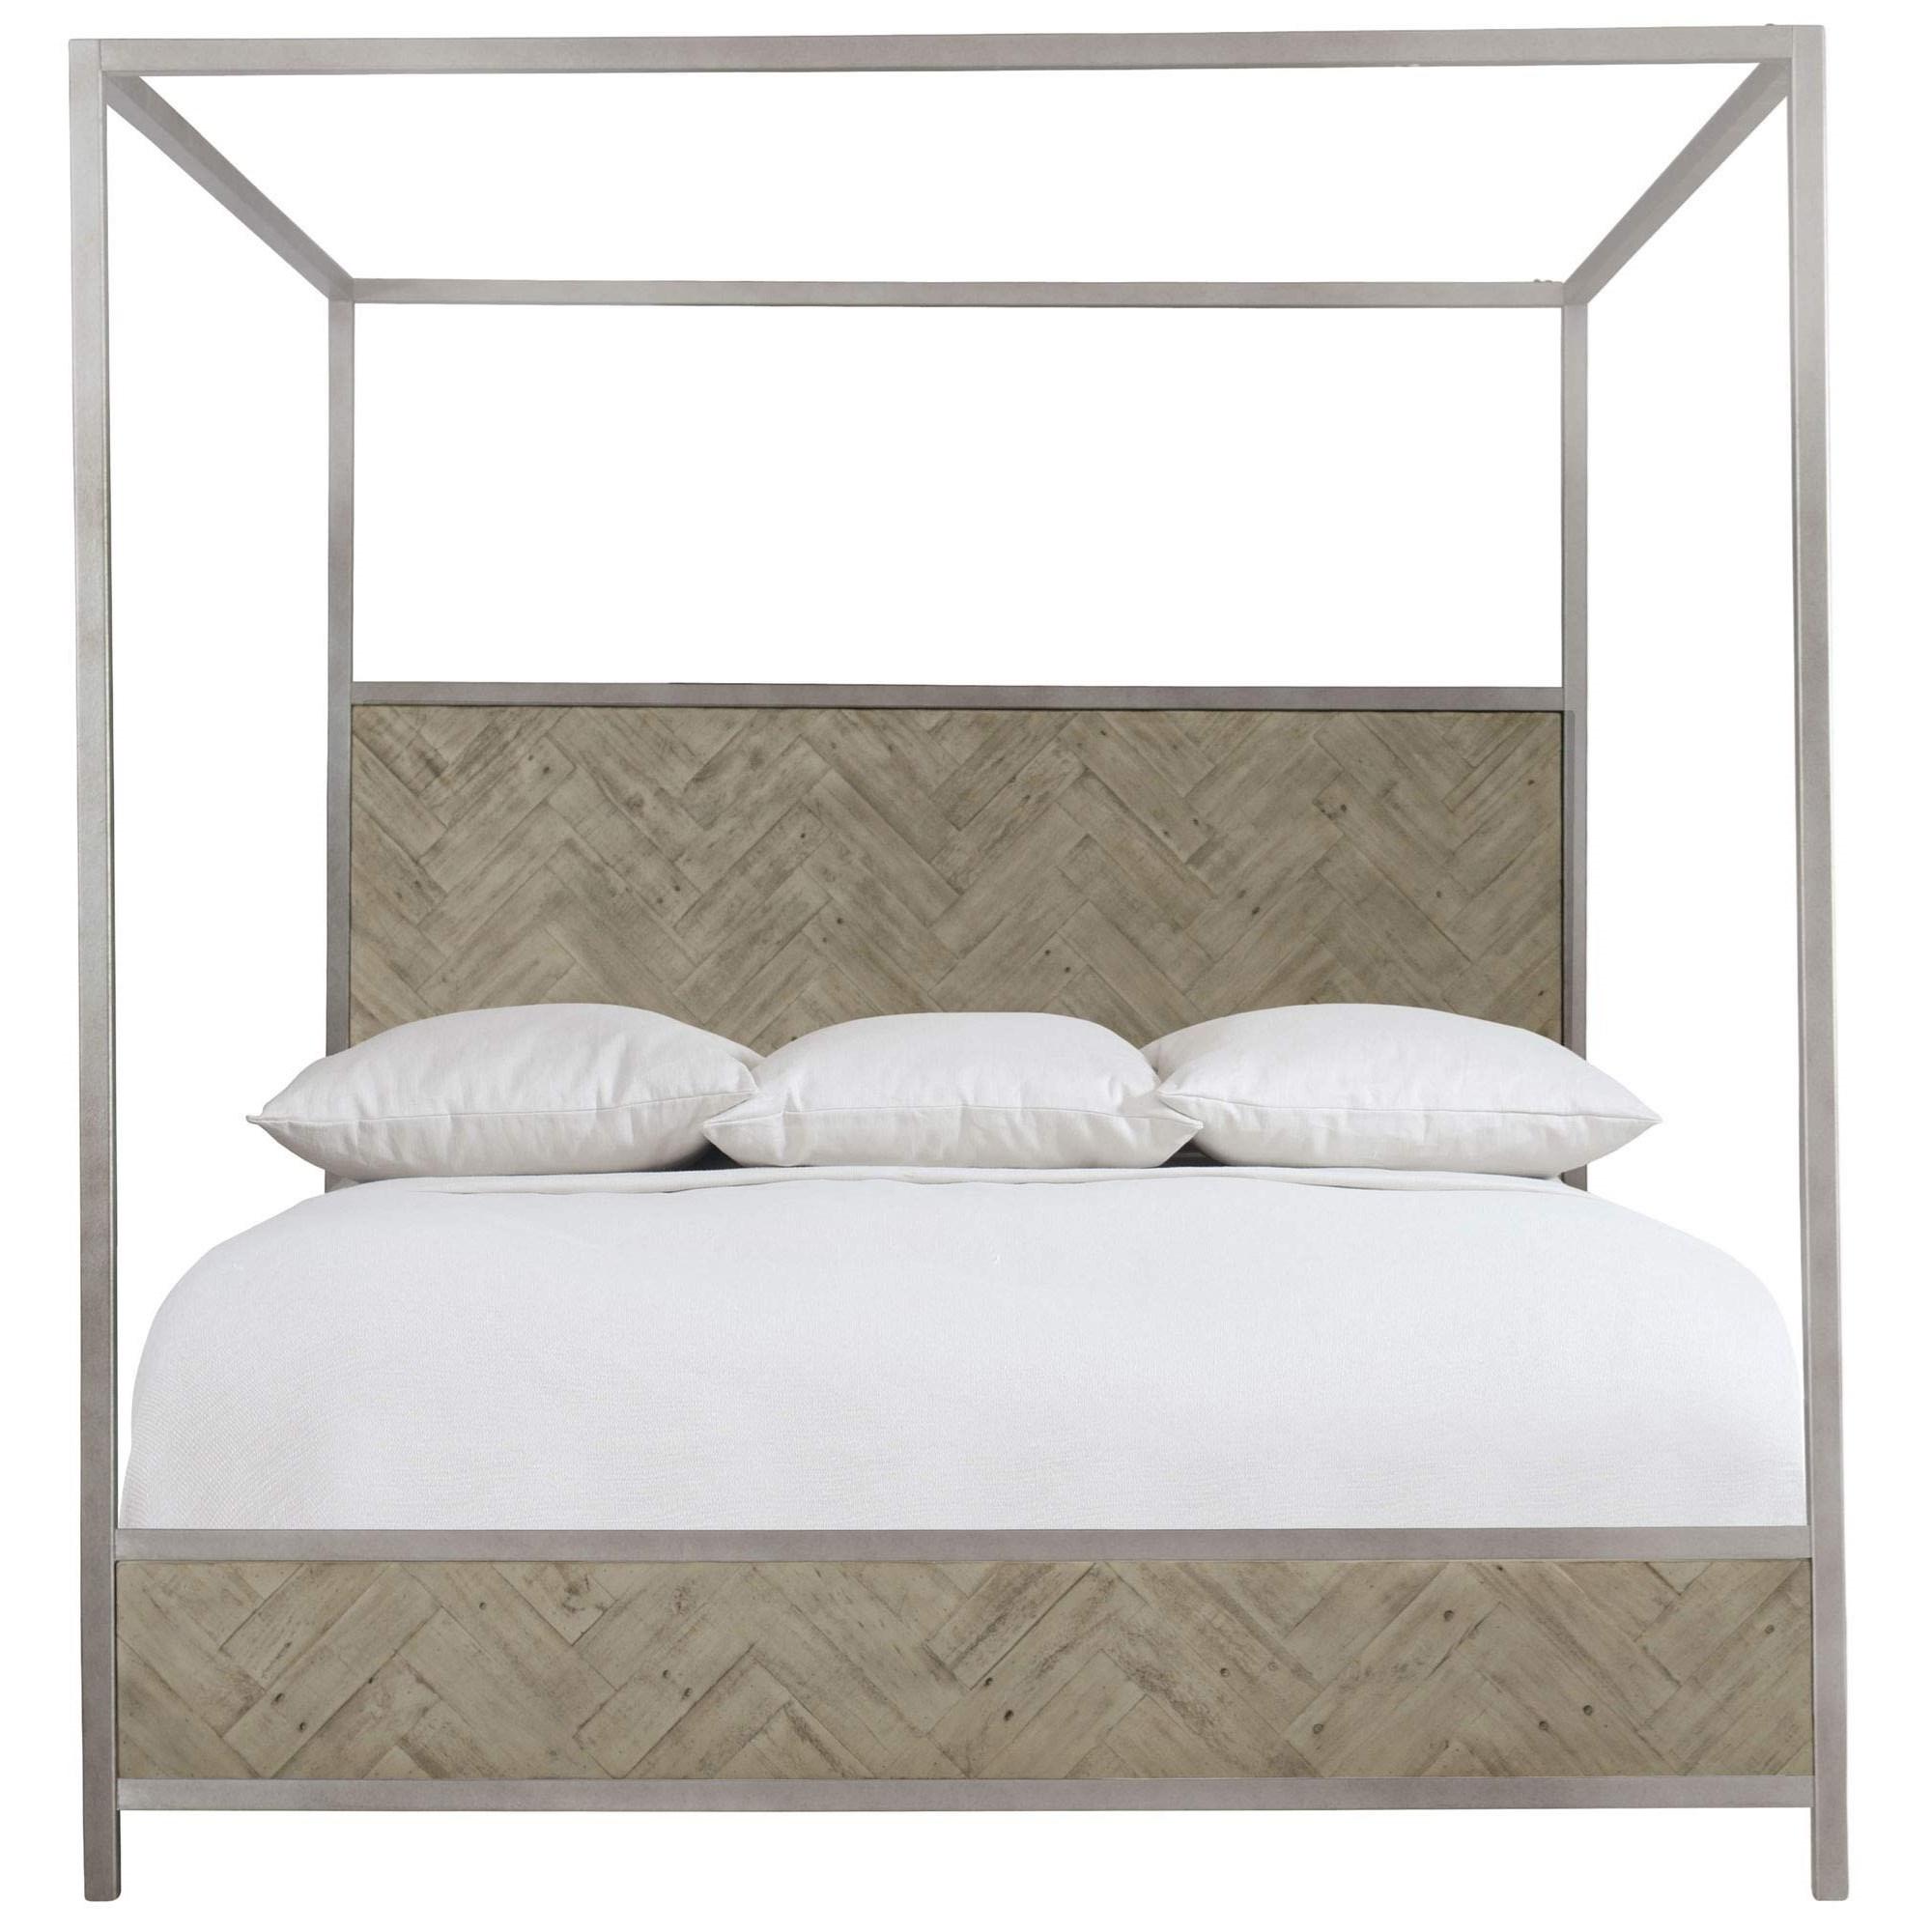 Loft - Highland Park Milo King Canopy Bed by Bernhardt at Baer's Furniture